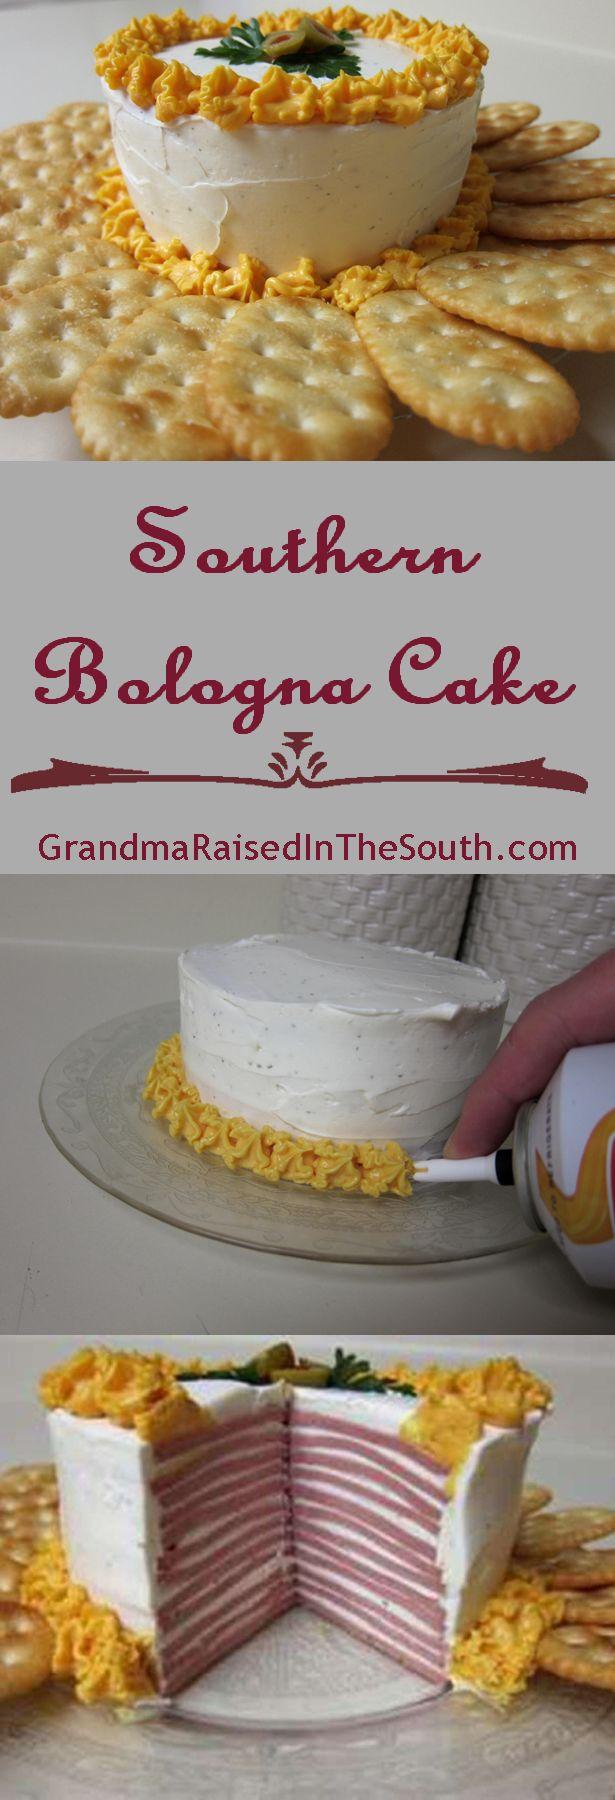 pescheria bologna cake - photo#7